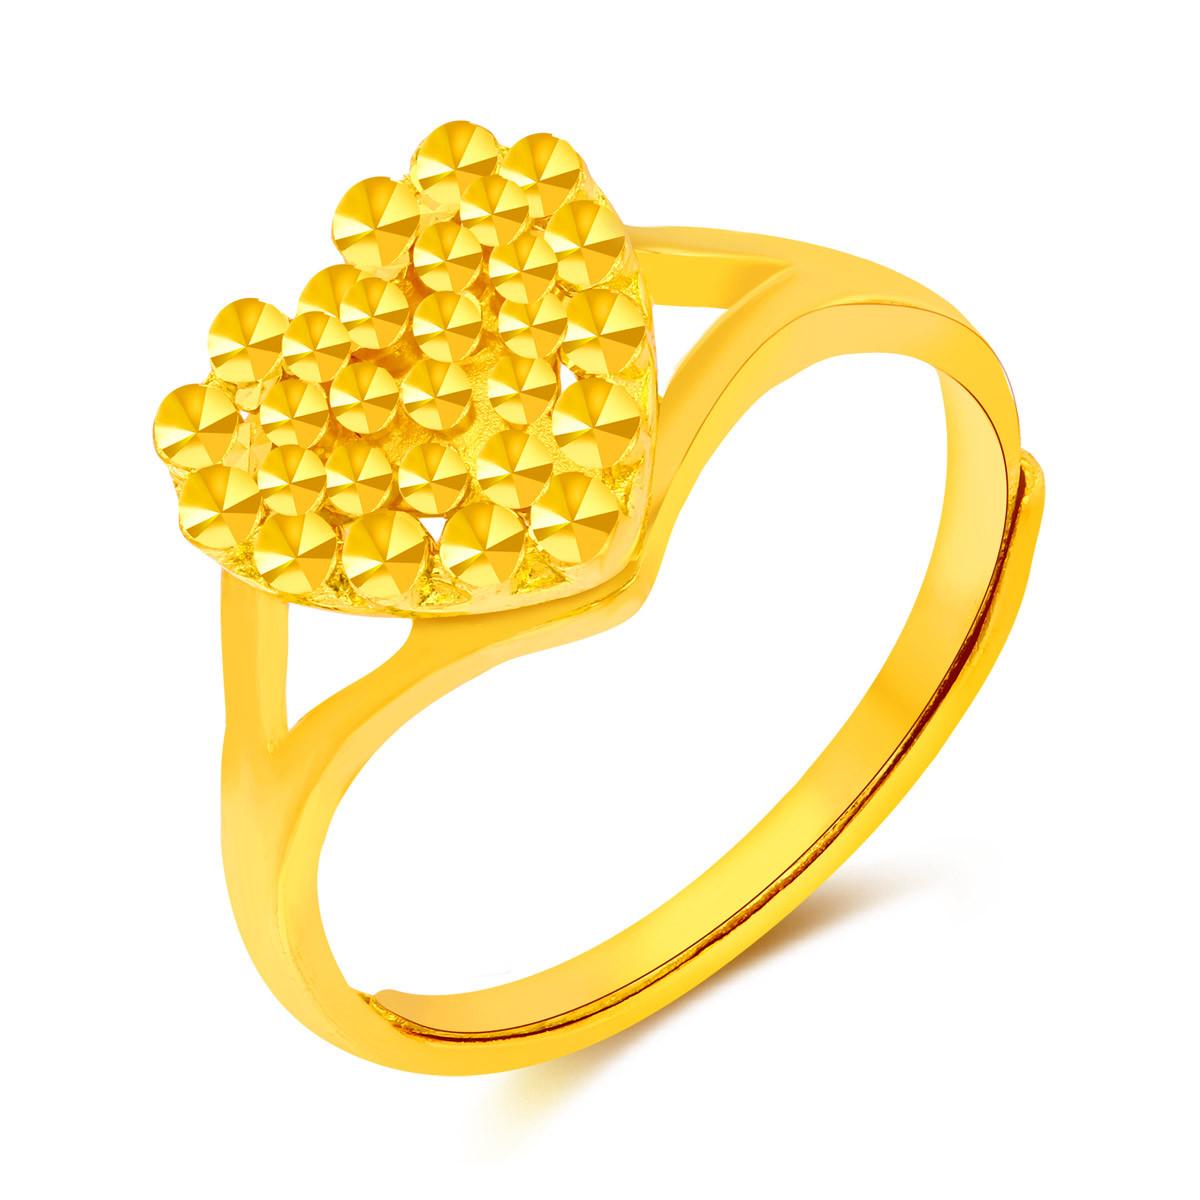 翠绿翠绿 足金仿钻心形黄金戒指(计价)A01000020397